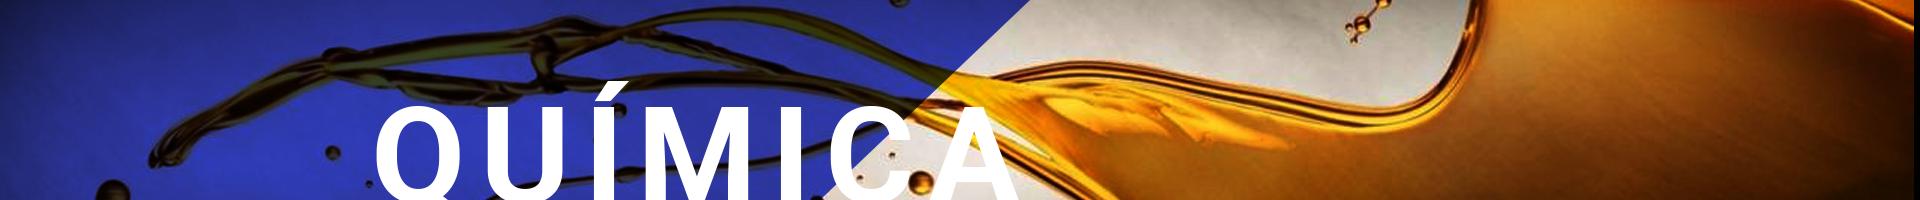 Banner departamento química